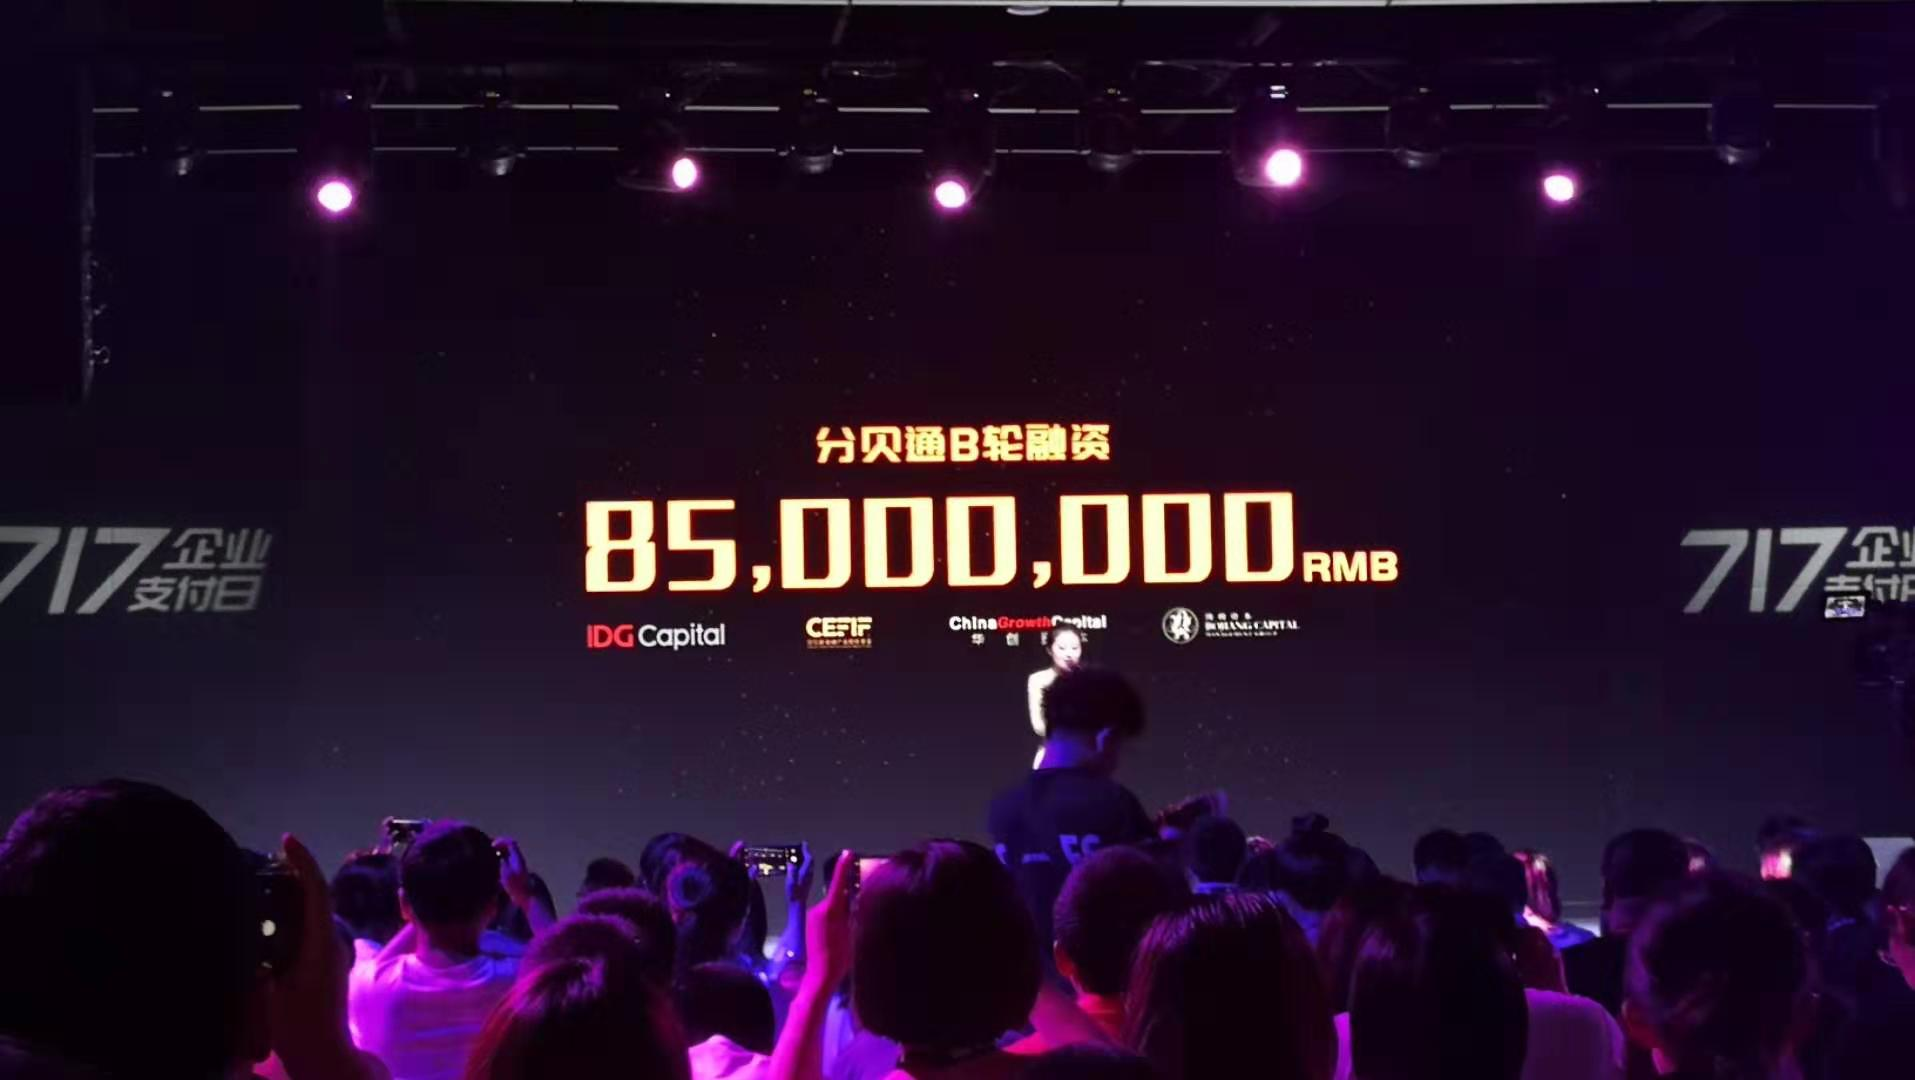 【ToB快讯】一站式企业支出管理平台分贝通获8500万元B轮融资